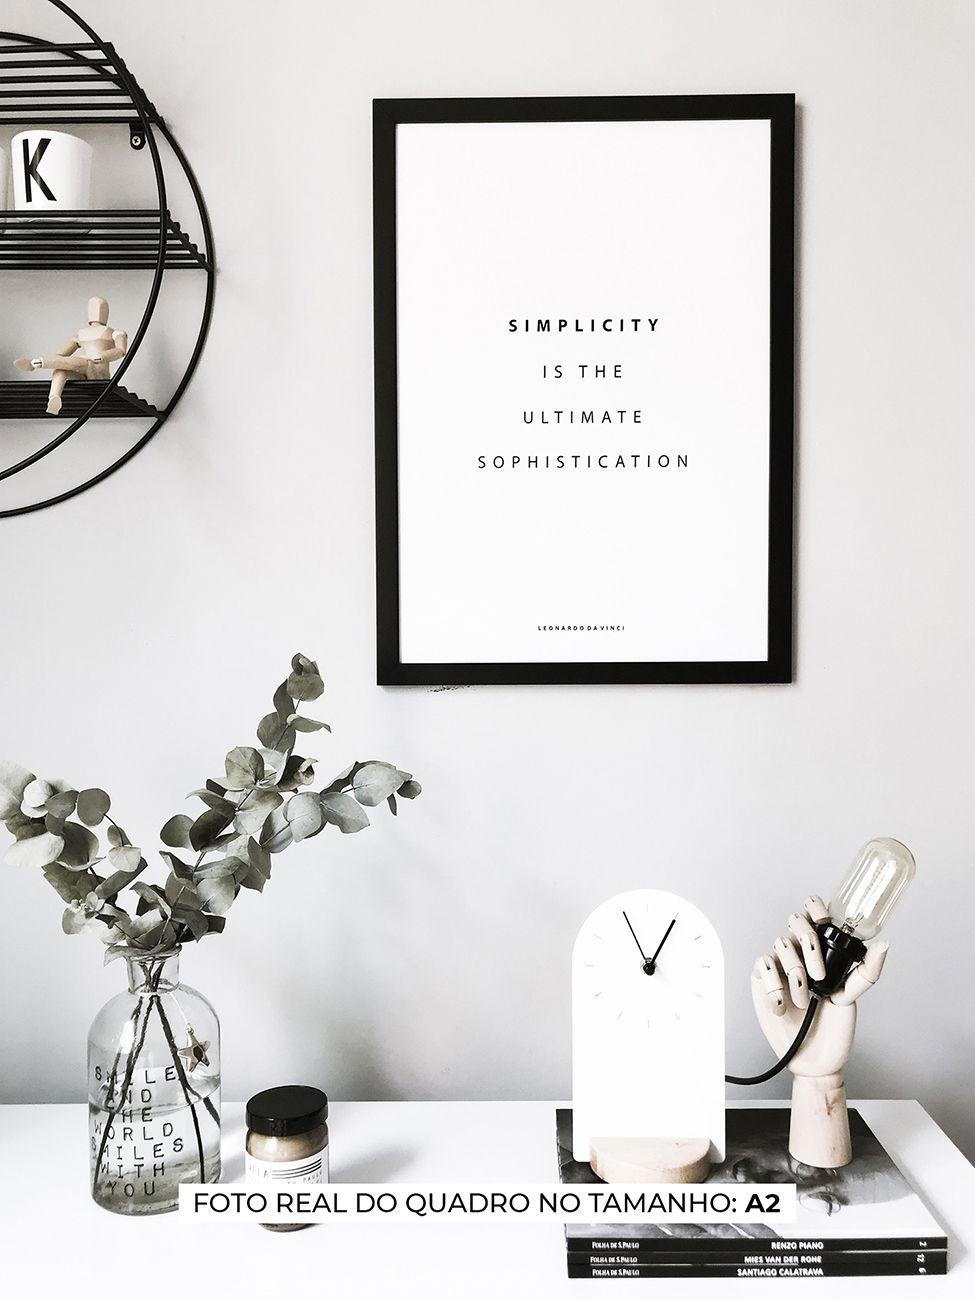 QUADRO SIMPLICITY decorativos